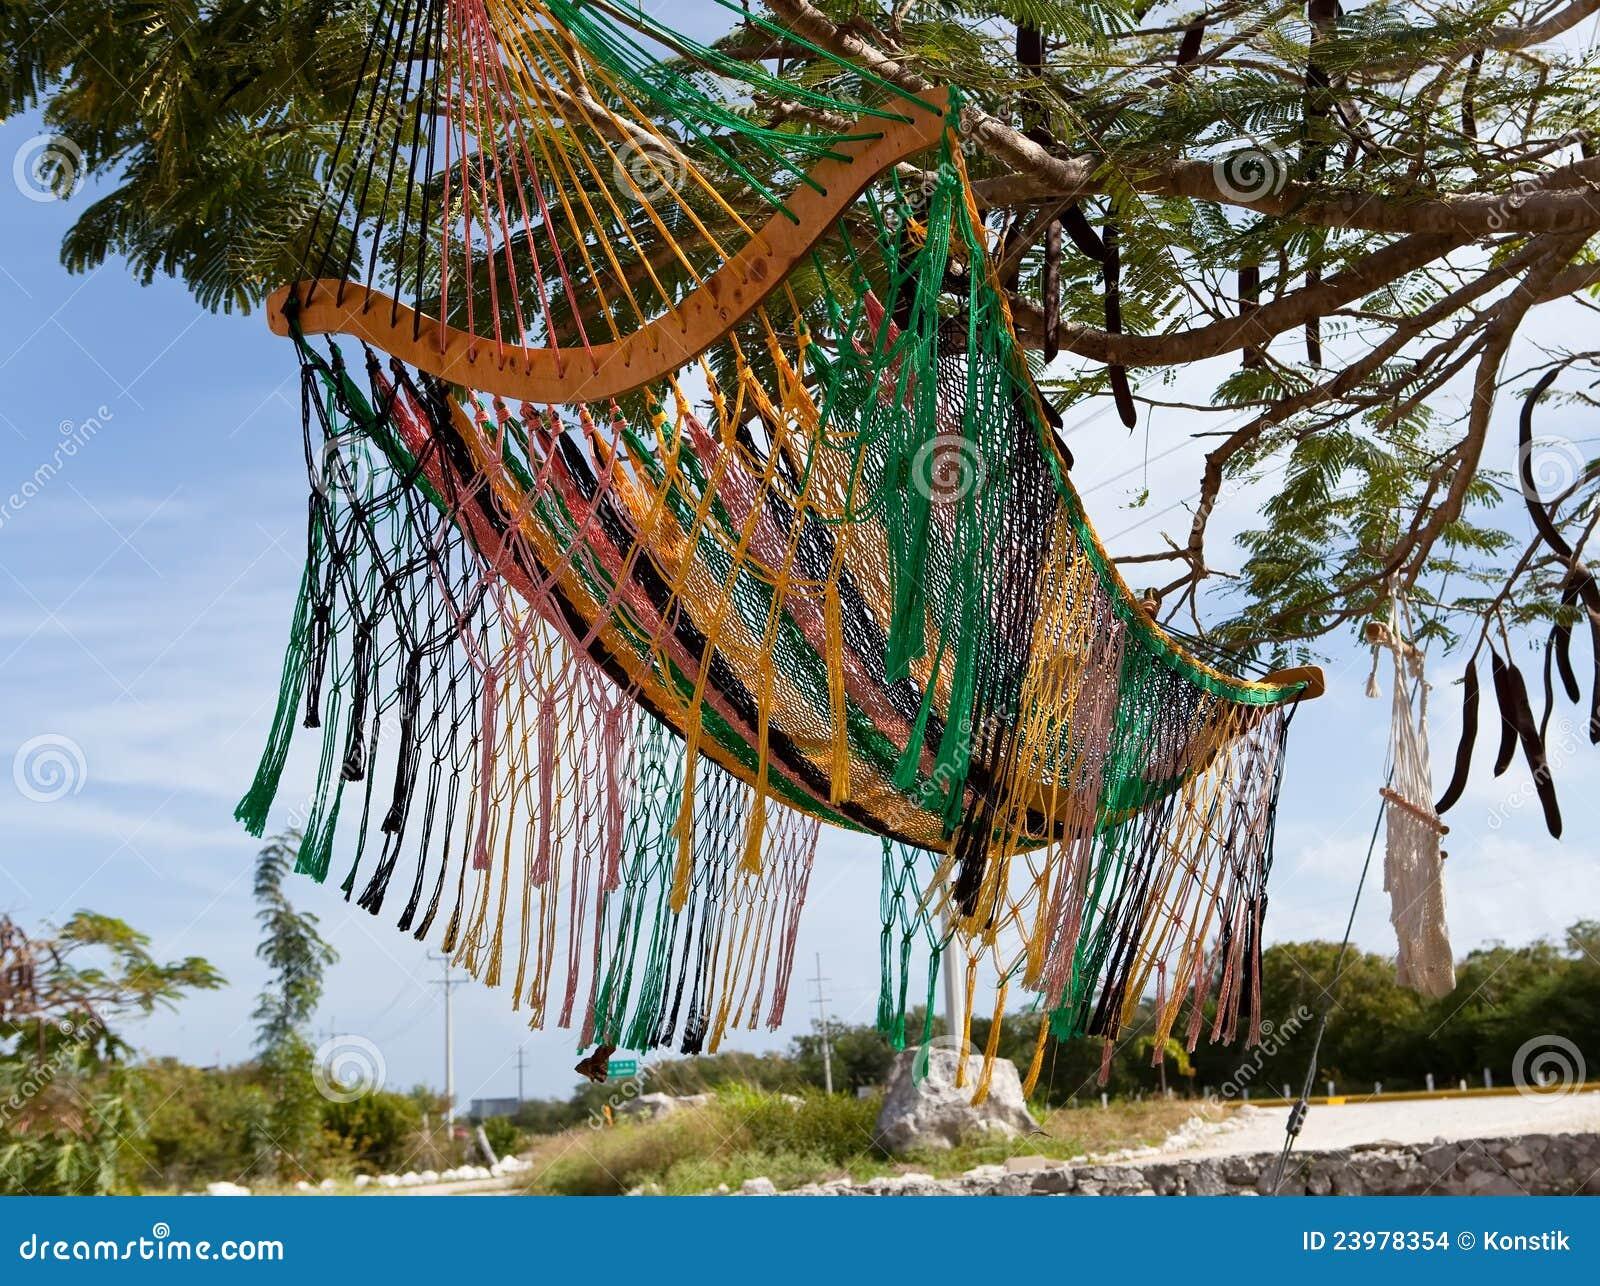 Hangmat Uit Mexico.Mexico Een Traditionele Hangmat Stock Foto Afbeelding Bestaande